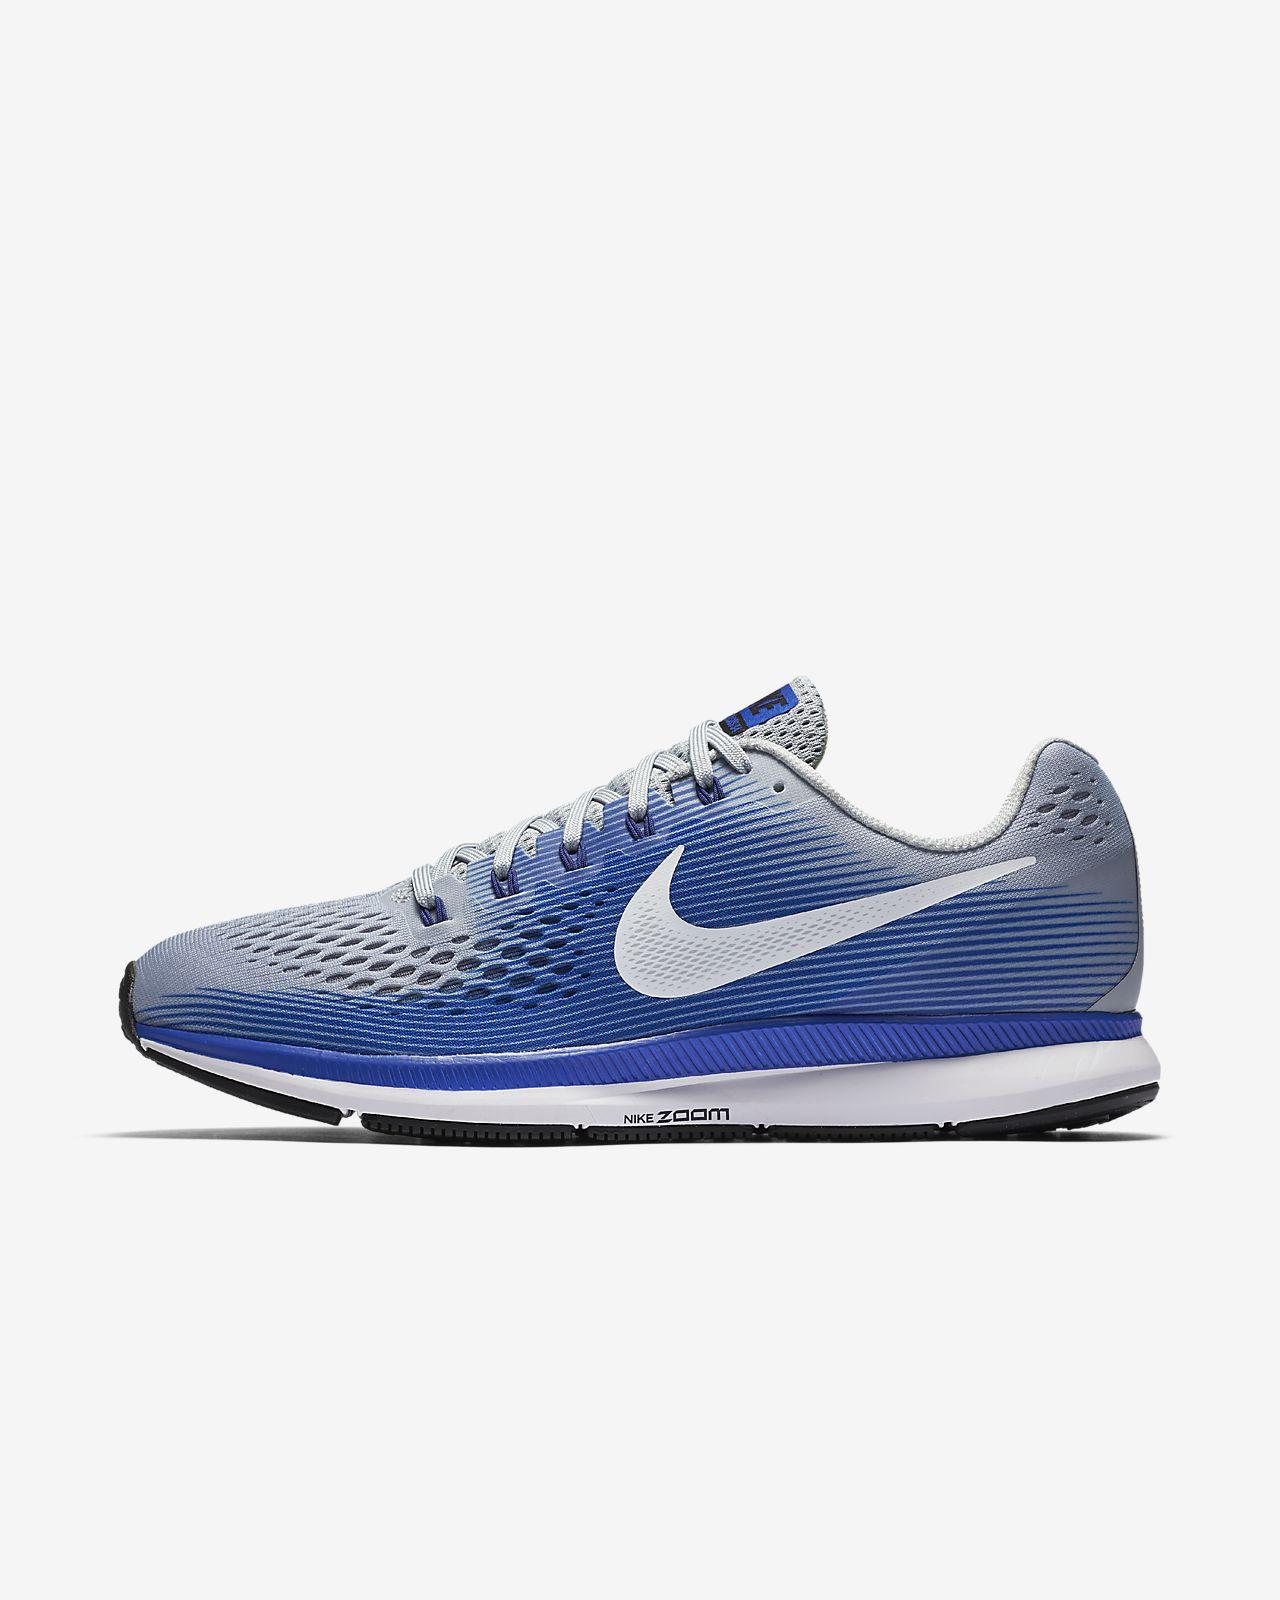 ... Nike Air Zoom Pegasus 34 Hardloopschoen voor heren